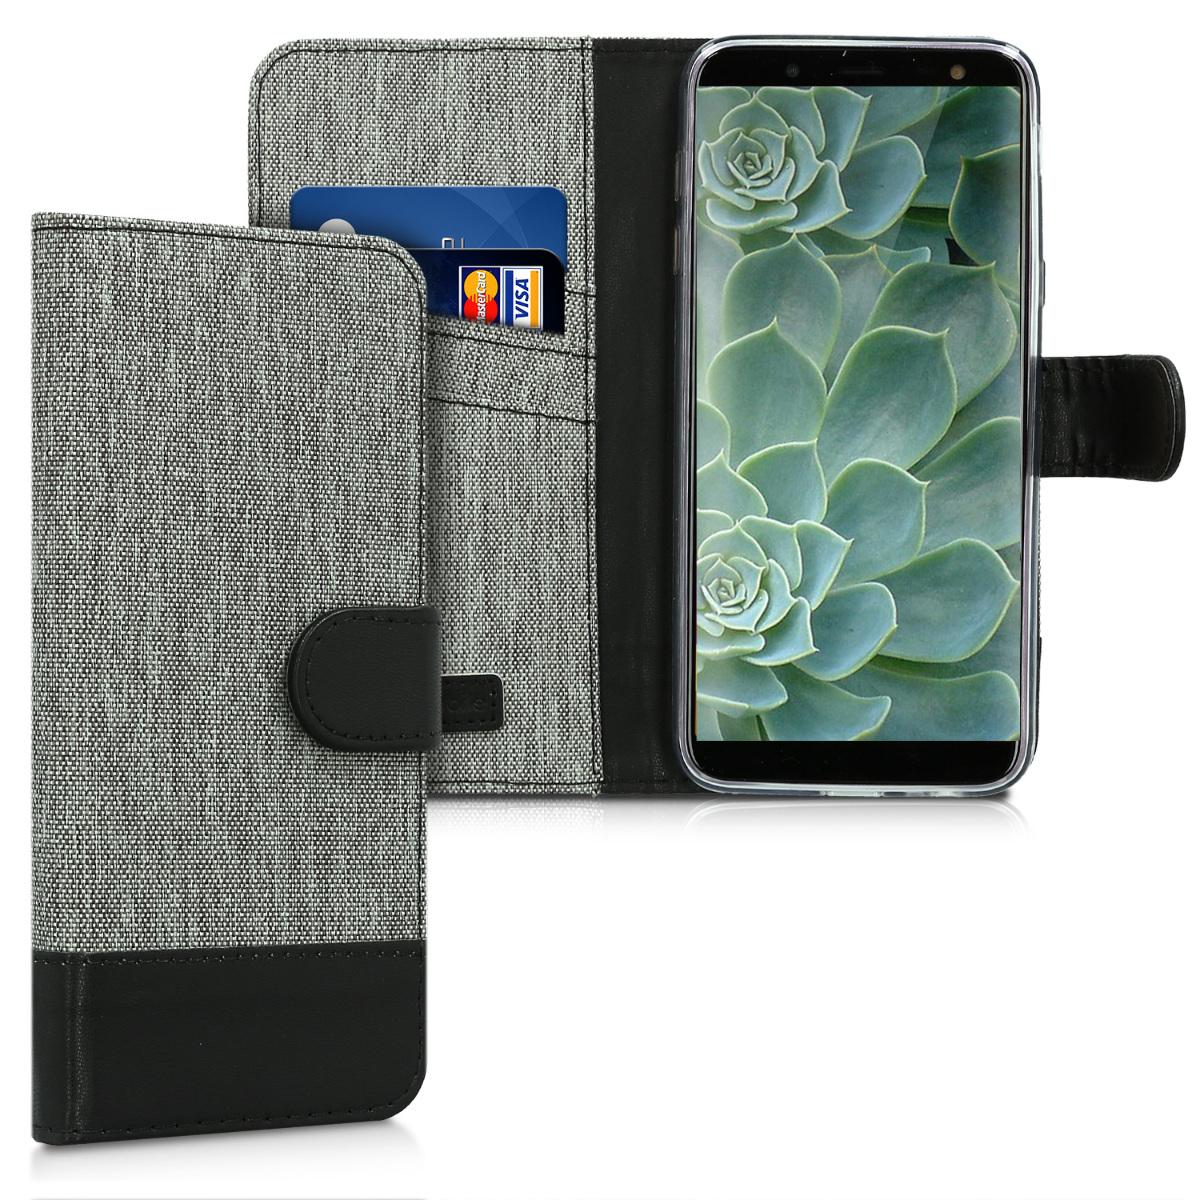 KW Πορτοφόλι Θήκη Samsung Galaxy J6 - Συνθετικό δέρμα - Grey / Black (45797.22)